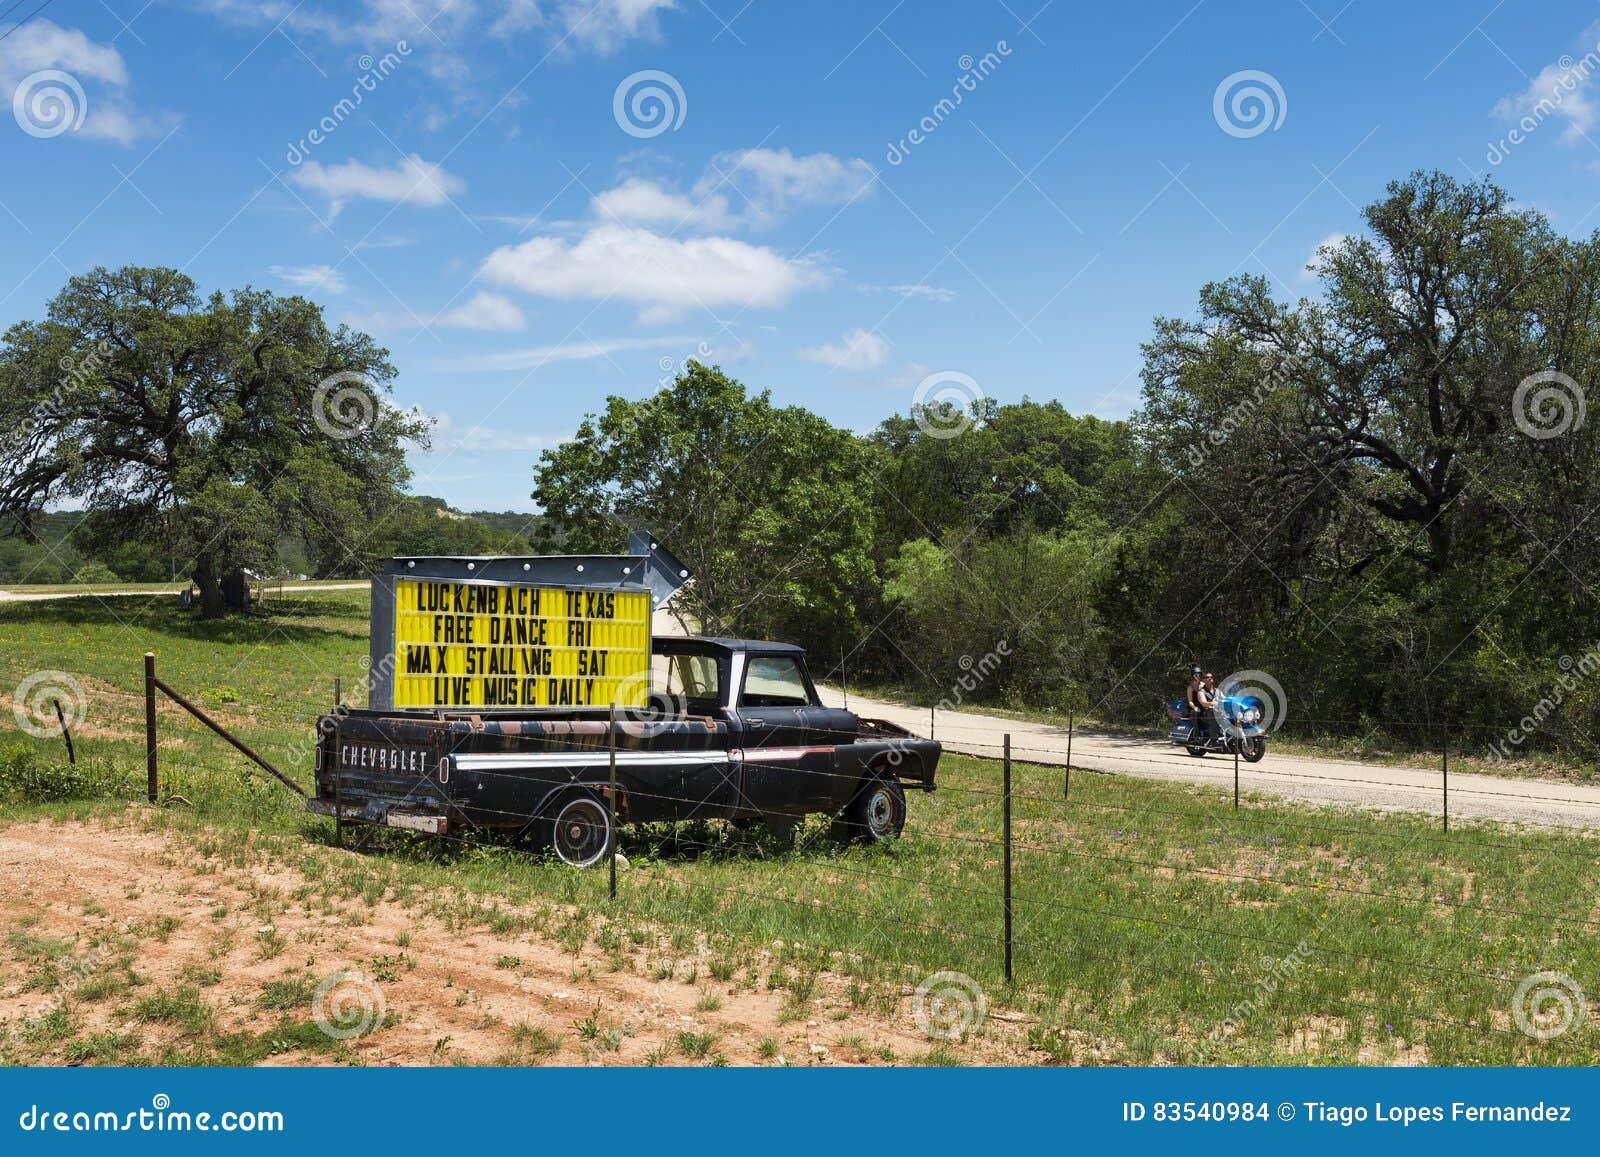 Paar In Een Motor Die Door Een Vrachtwagen Met Een Teken Voor Een